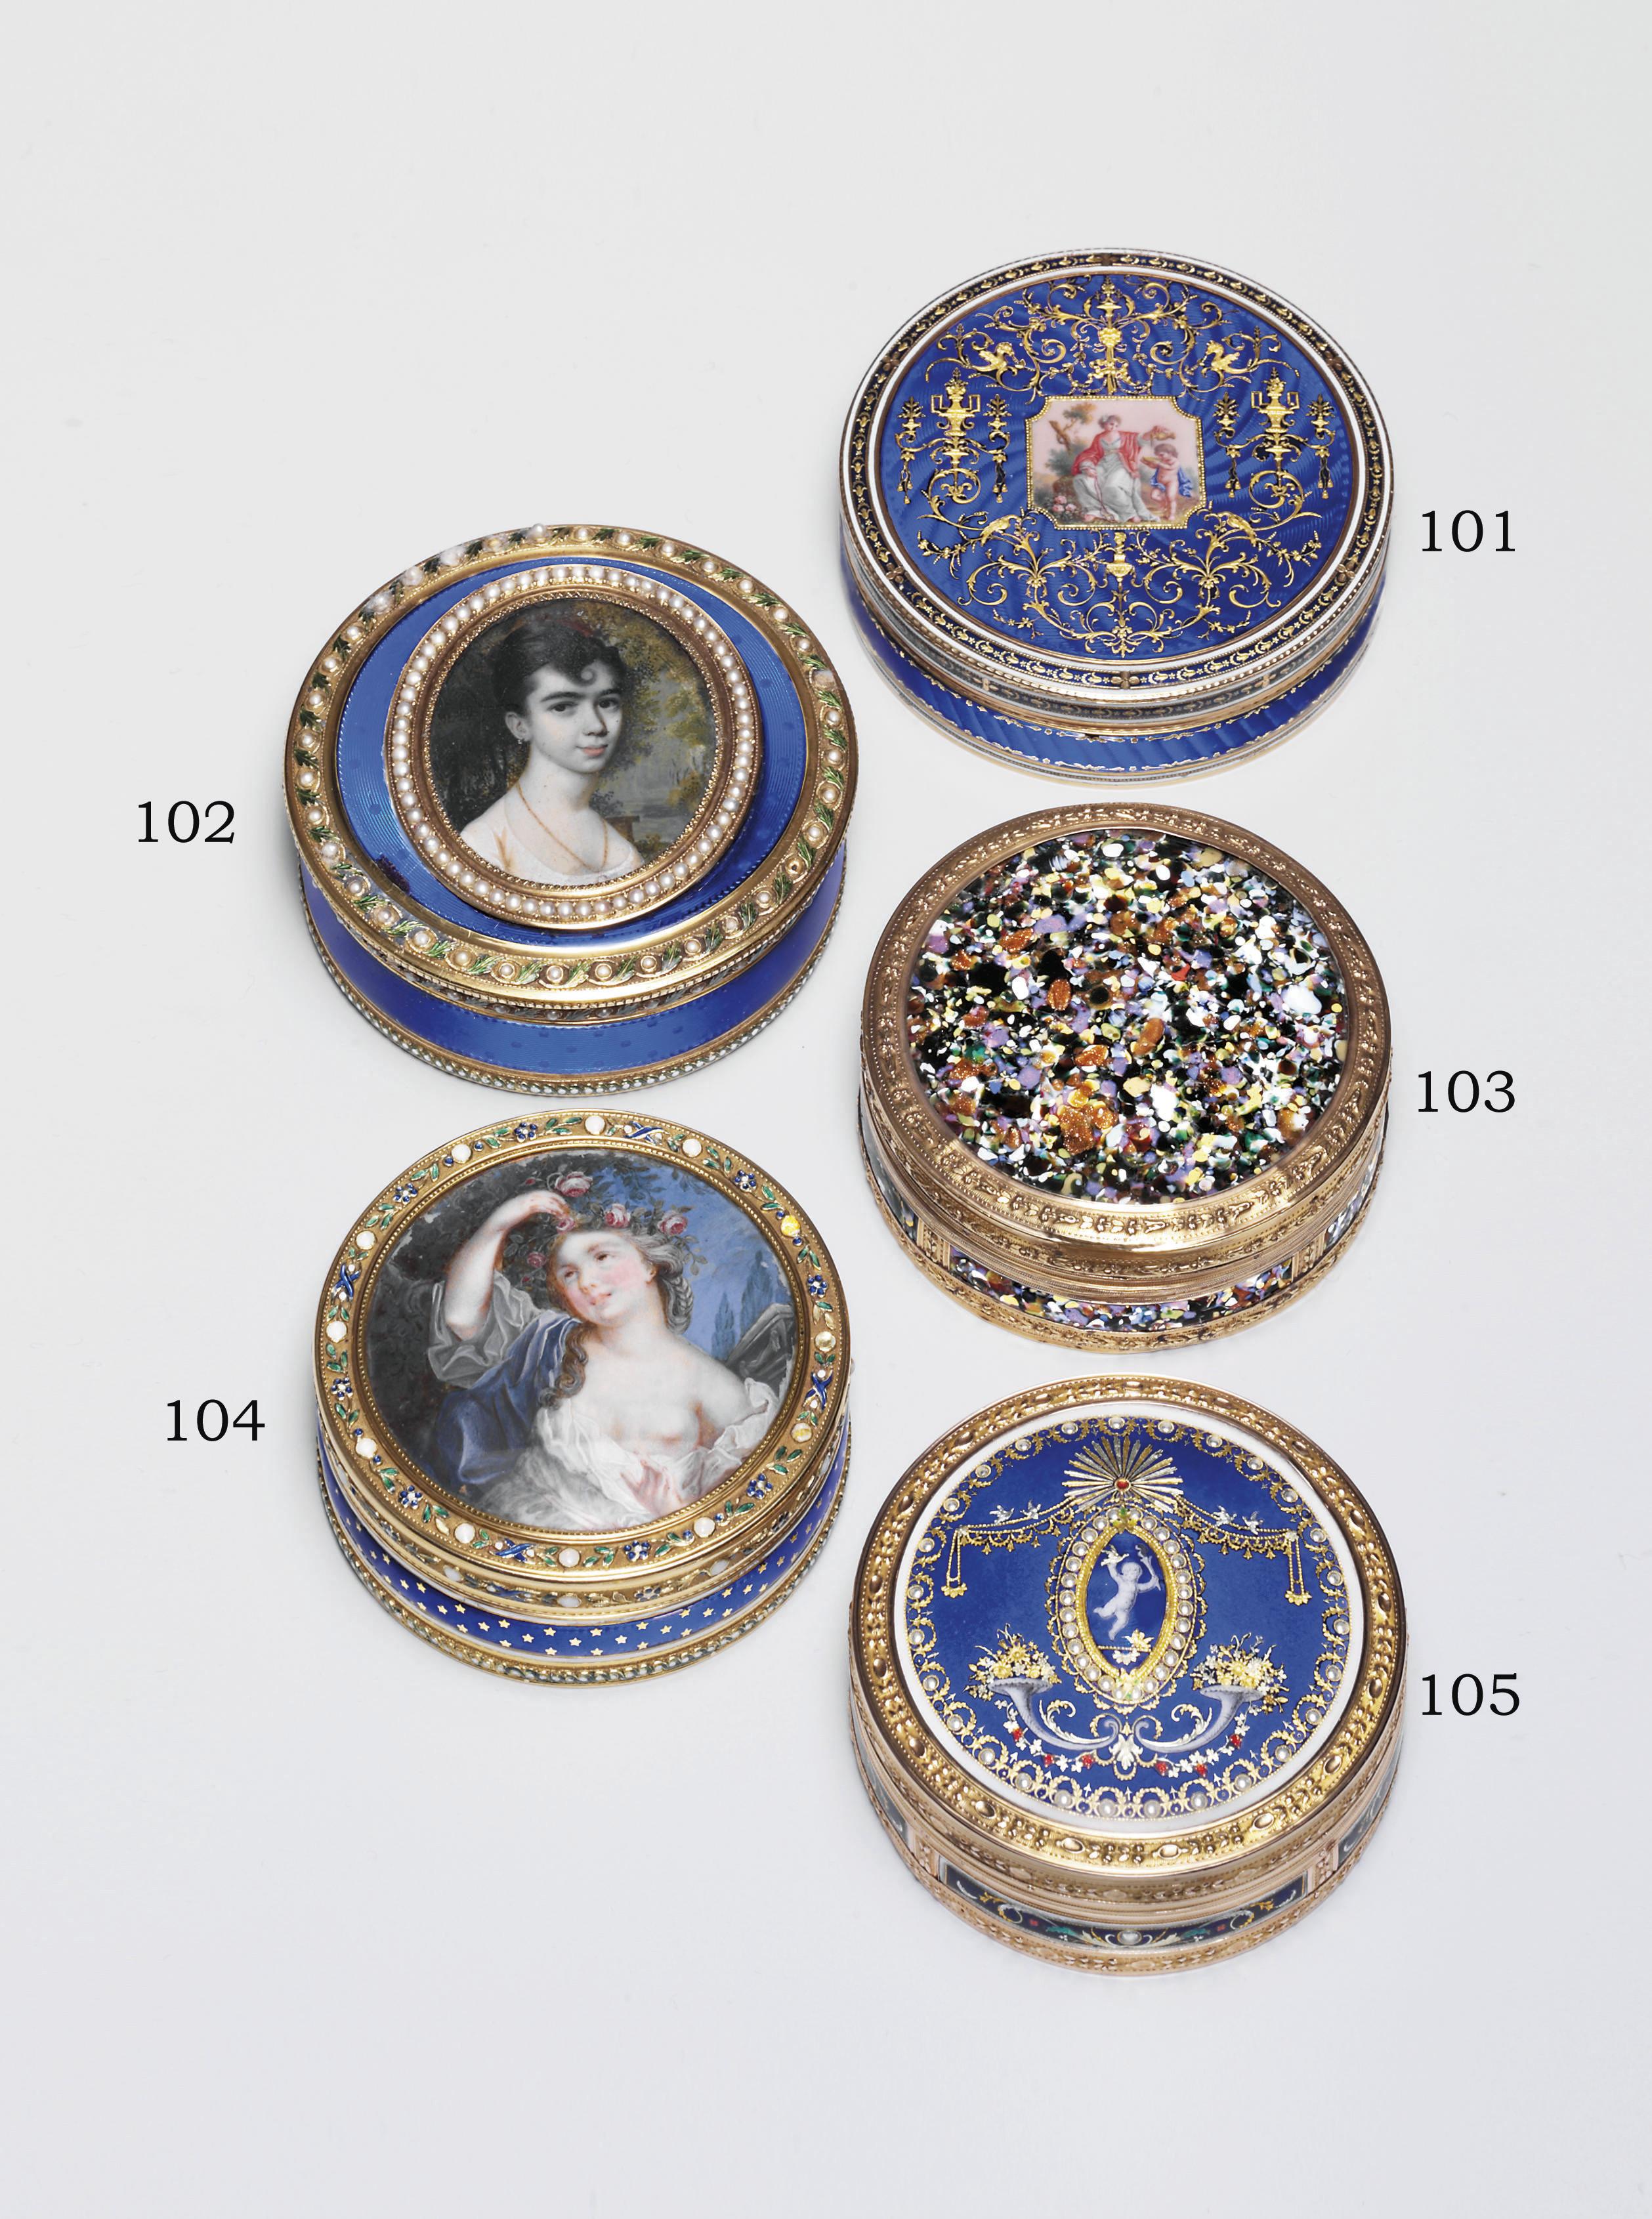 A LOUIS XVI SPLIT-PEARL SET ENAMELLED GOLD BONBONNIÈRE SET WITH A MINIATURE